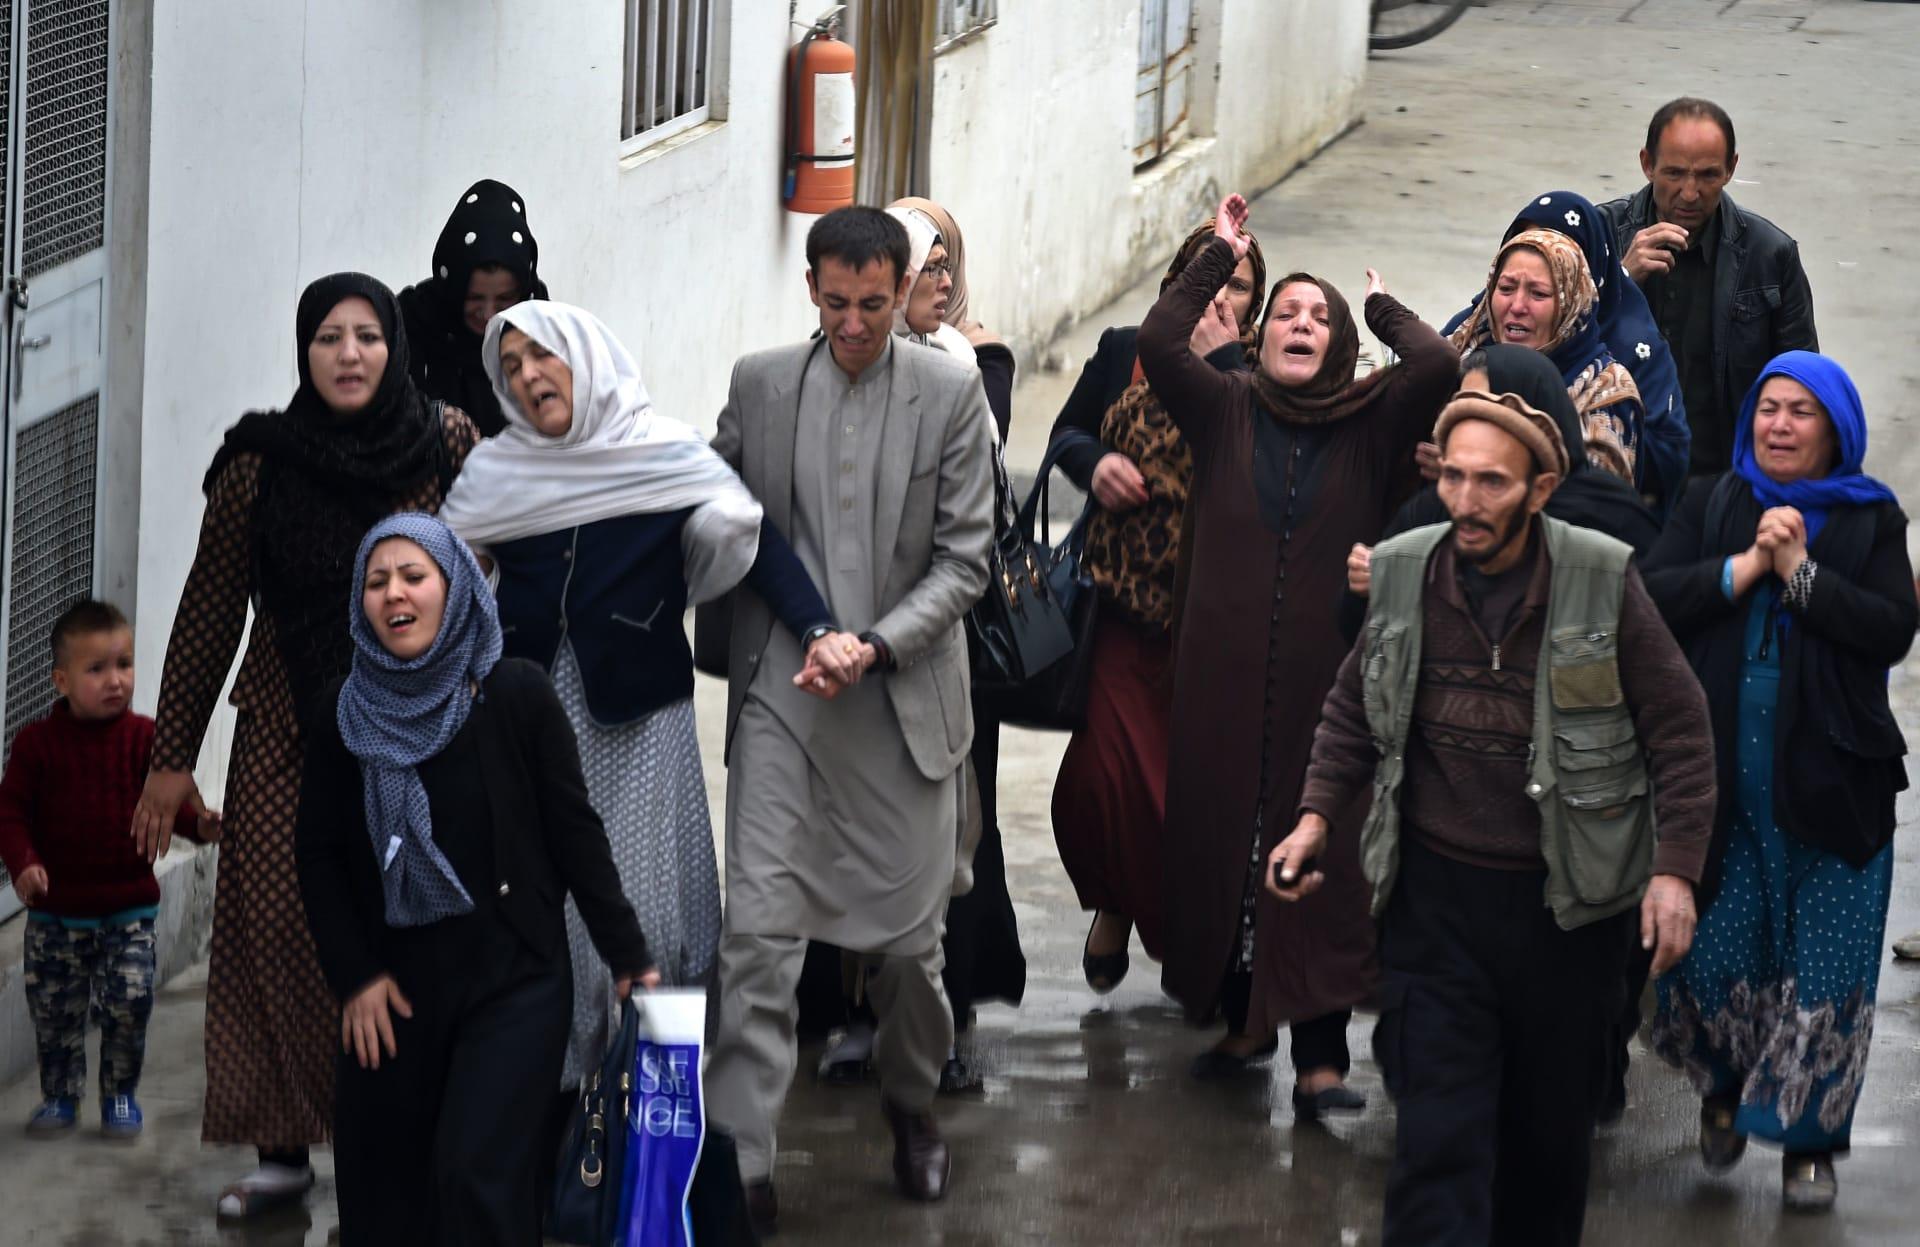 """داعش يزعم مسؤولية هجوم انتحاري على مسجد للشيعة في أفغانستان خلال مراسم """"أربعينية الإمام الحسين"""""""